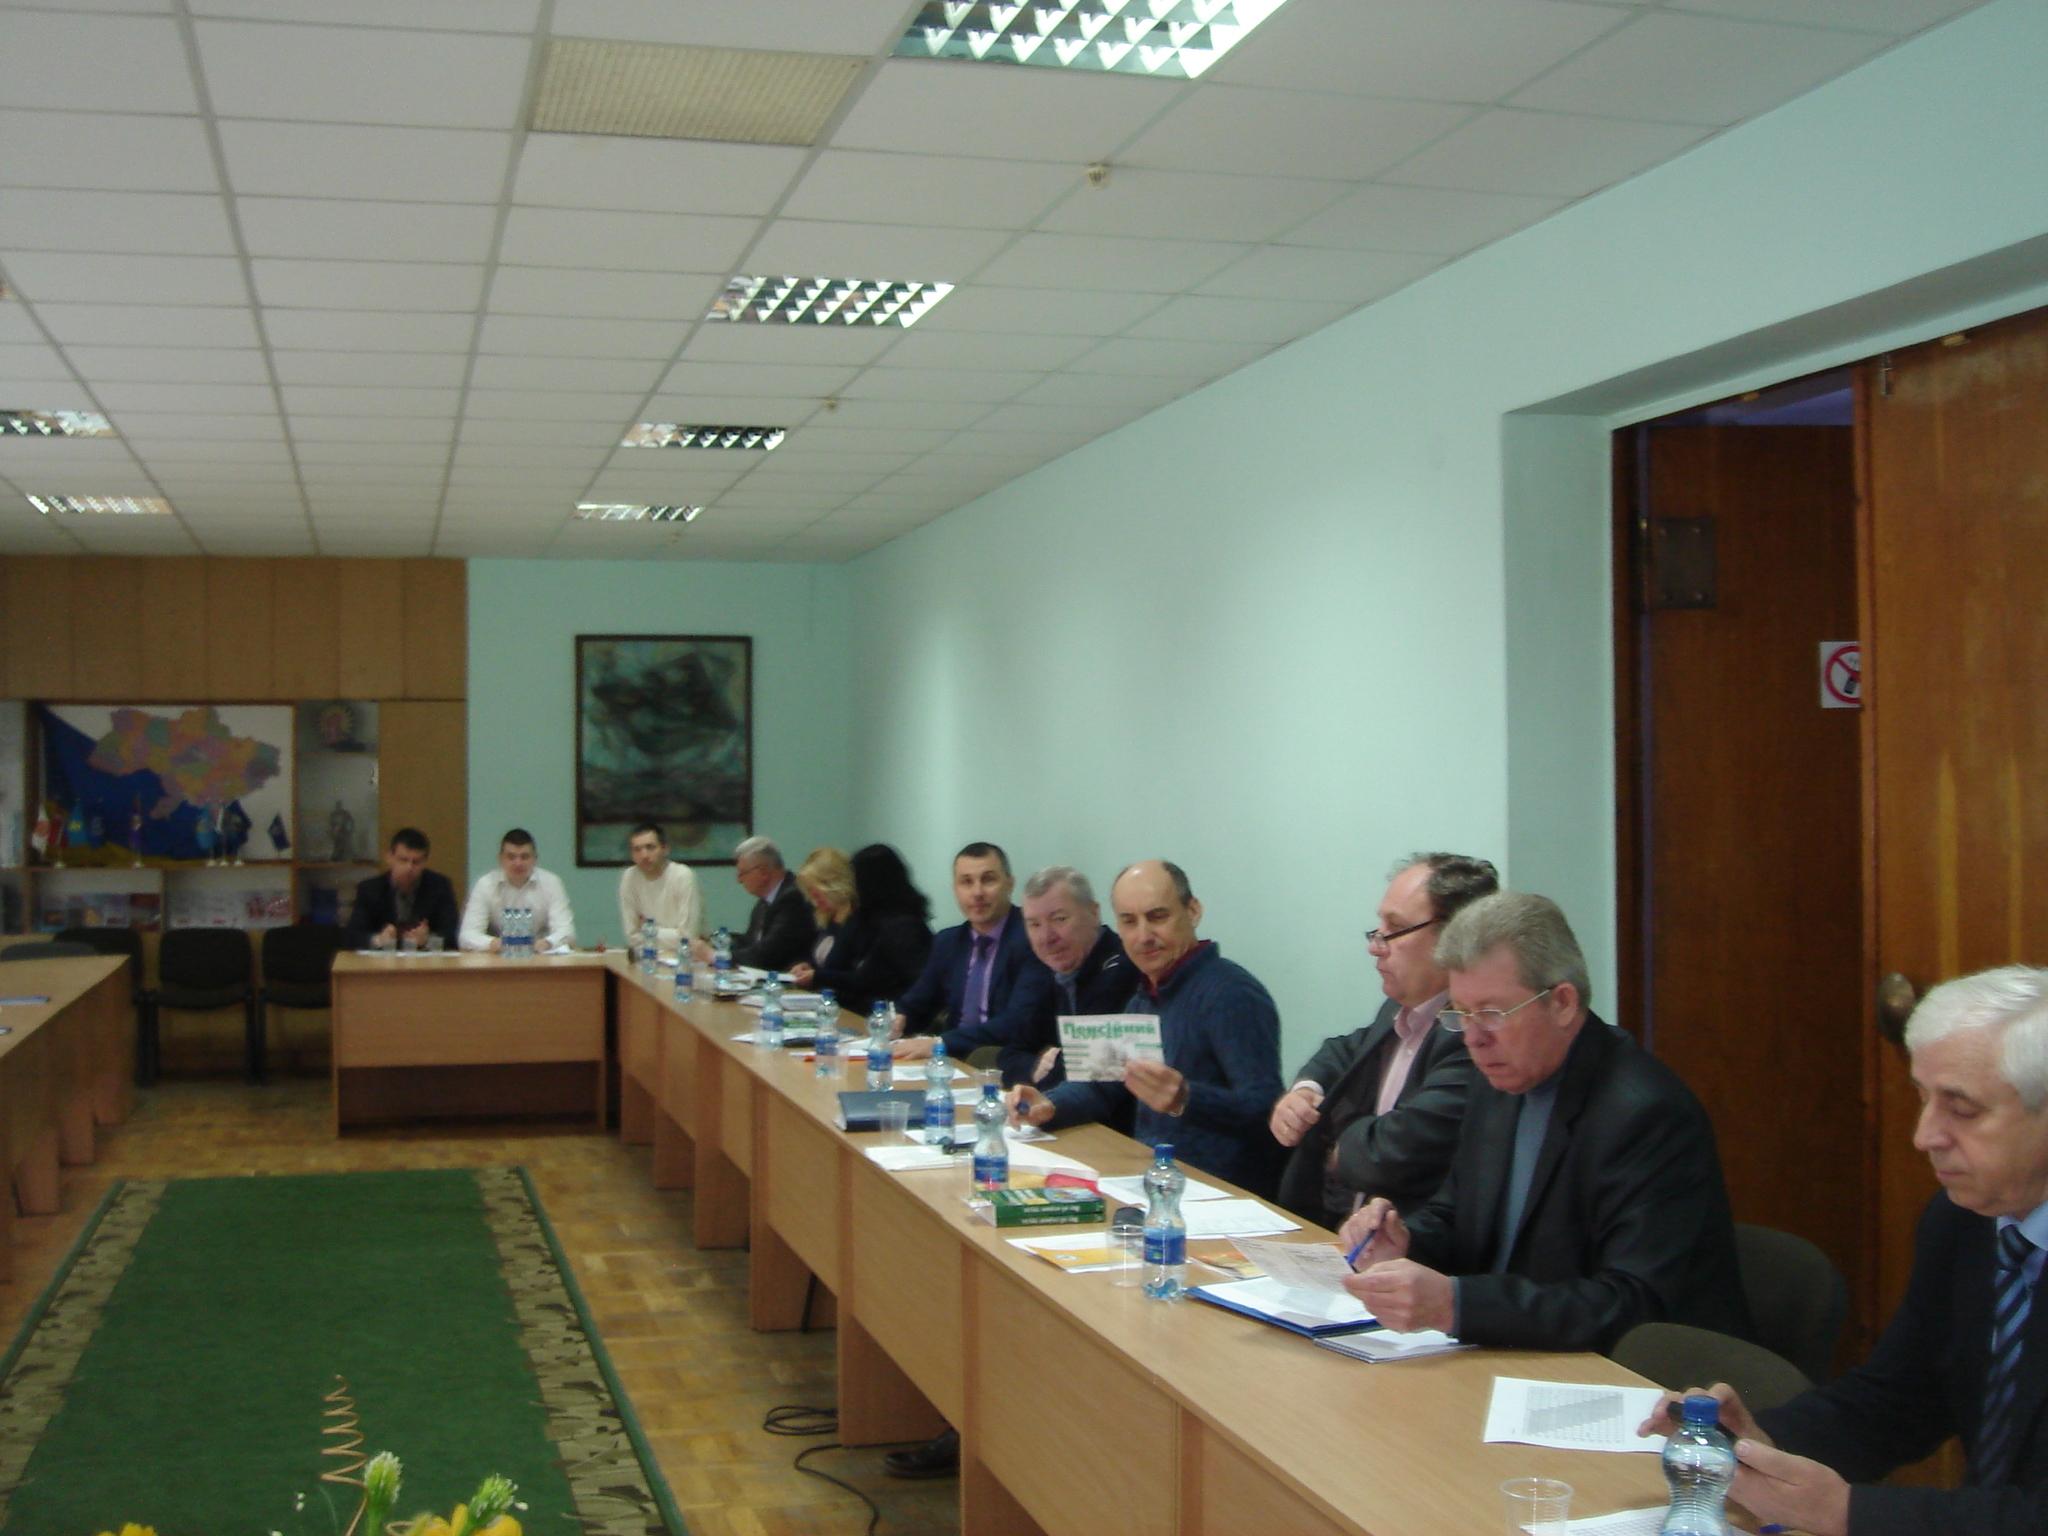 DSC09114 - Семінар для трудящих металургійної і гірничої промисловості у м. Дніпро